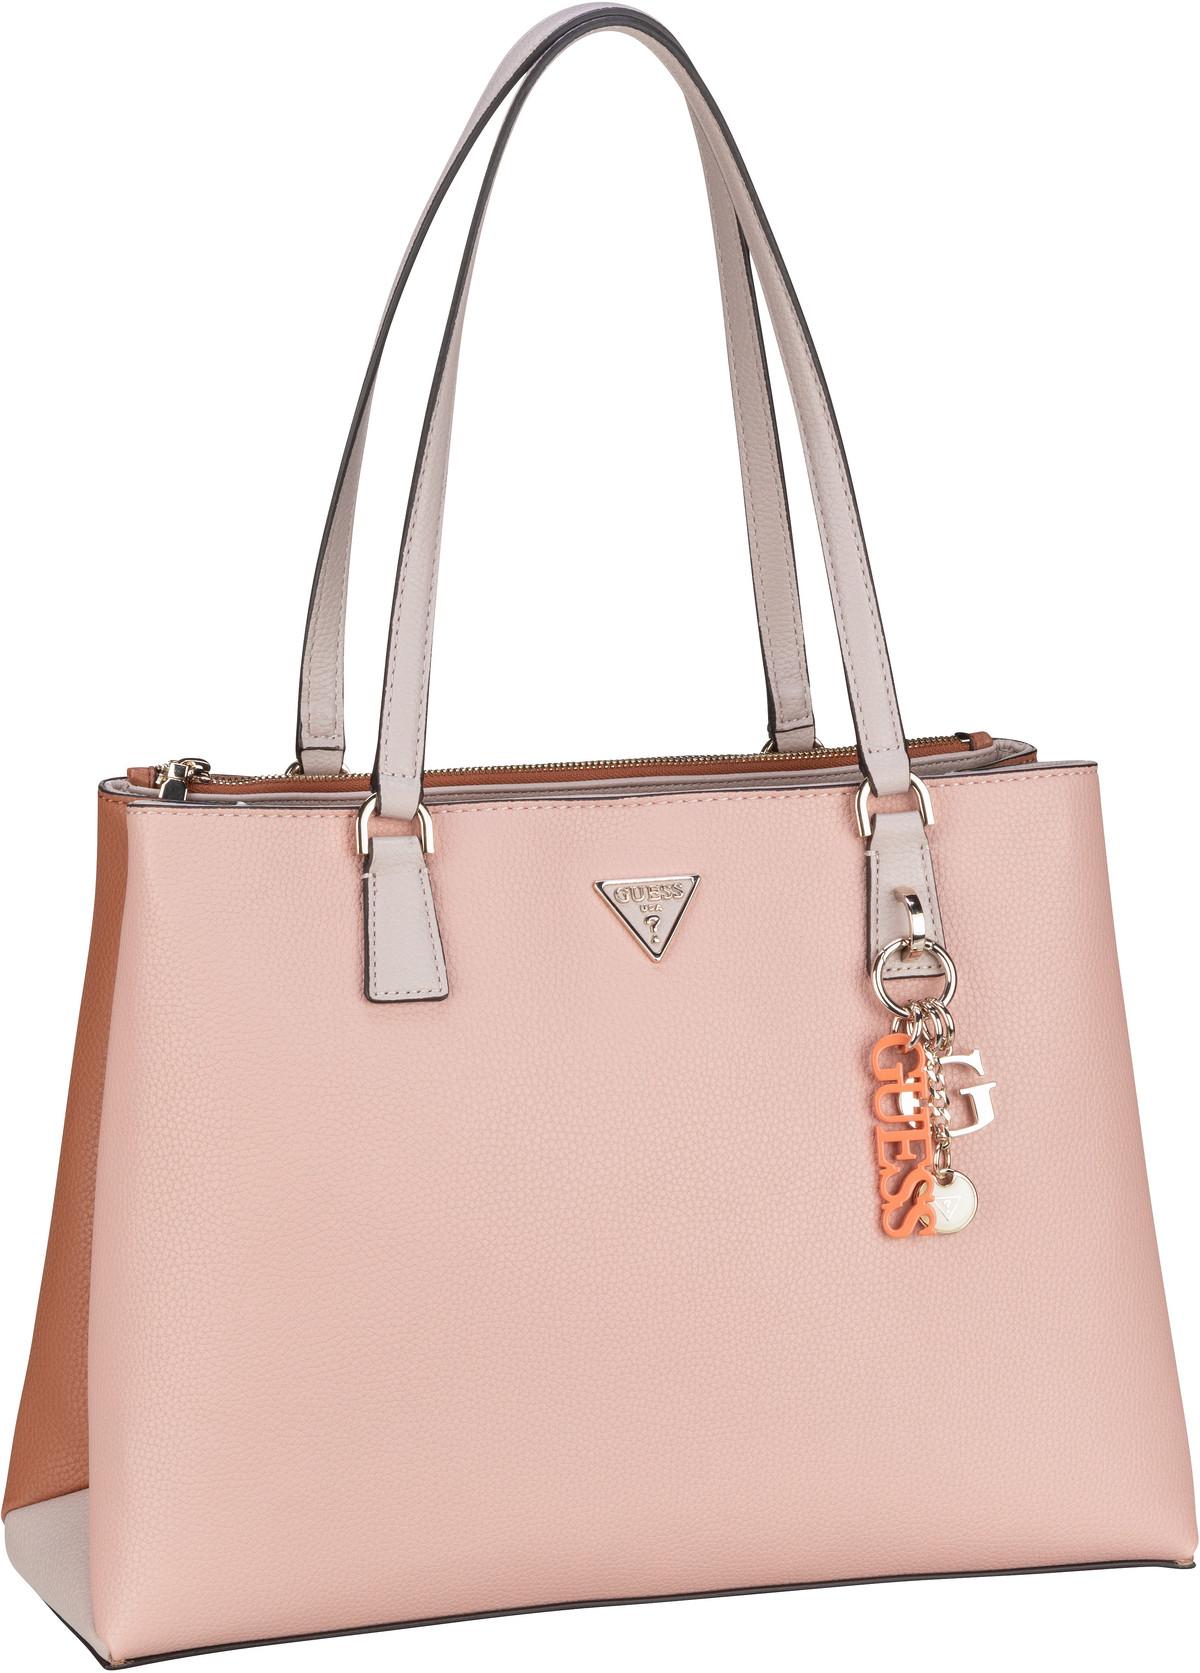 Handtasche Becca Luxury Satchel Blush Multi